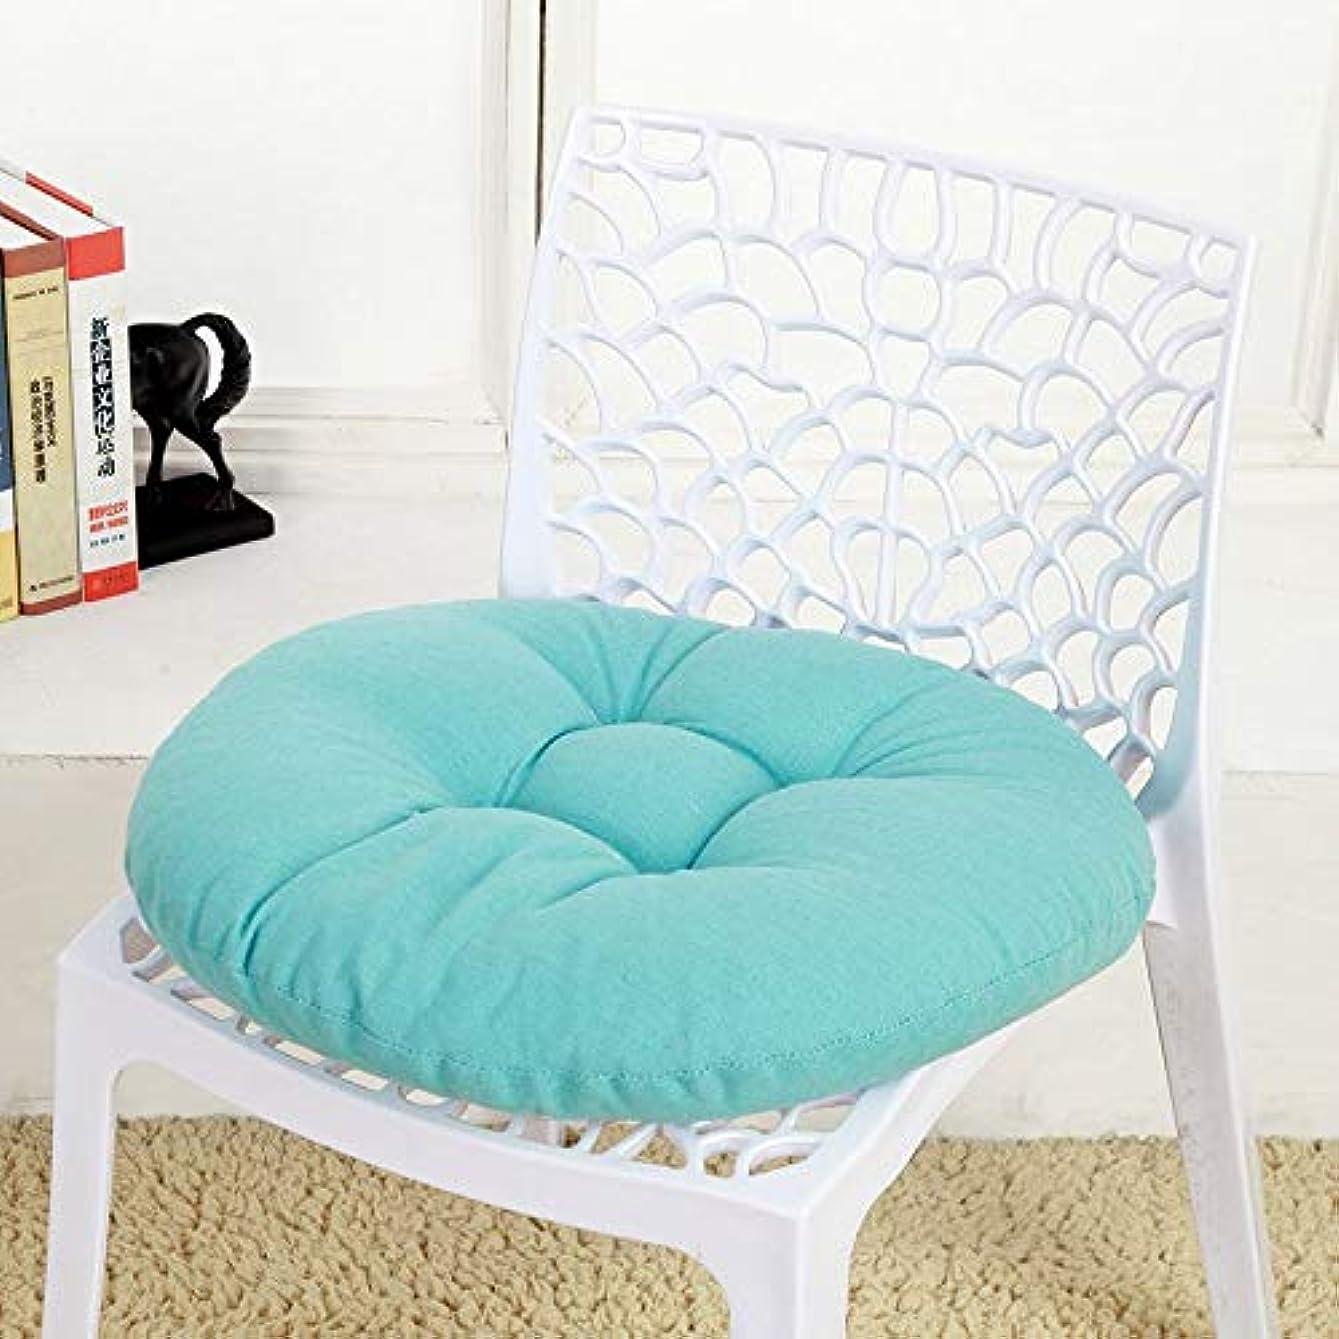 薬理学検出土器LIFE キャンディカラーのクッションラウンドシートクッション波ウィンドウシートクッションクッション家の装飾パッドラウンド枕シート枕椅子座る枕 クッション 椅子